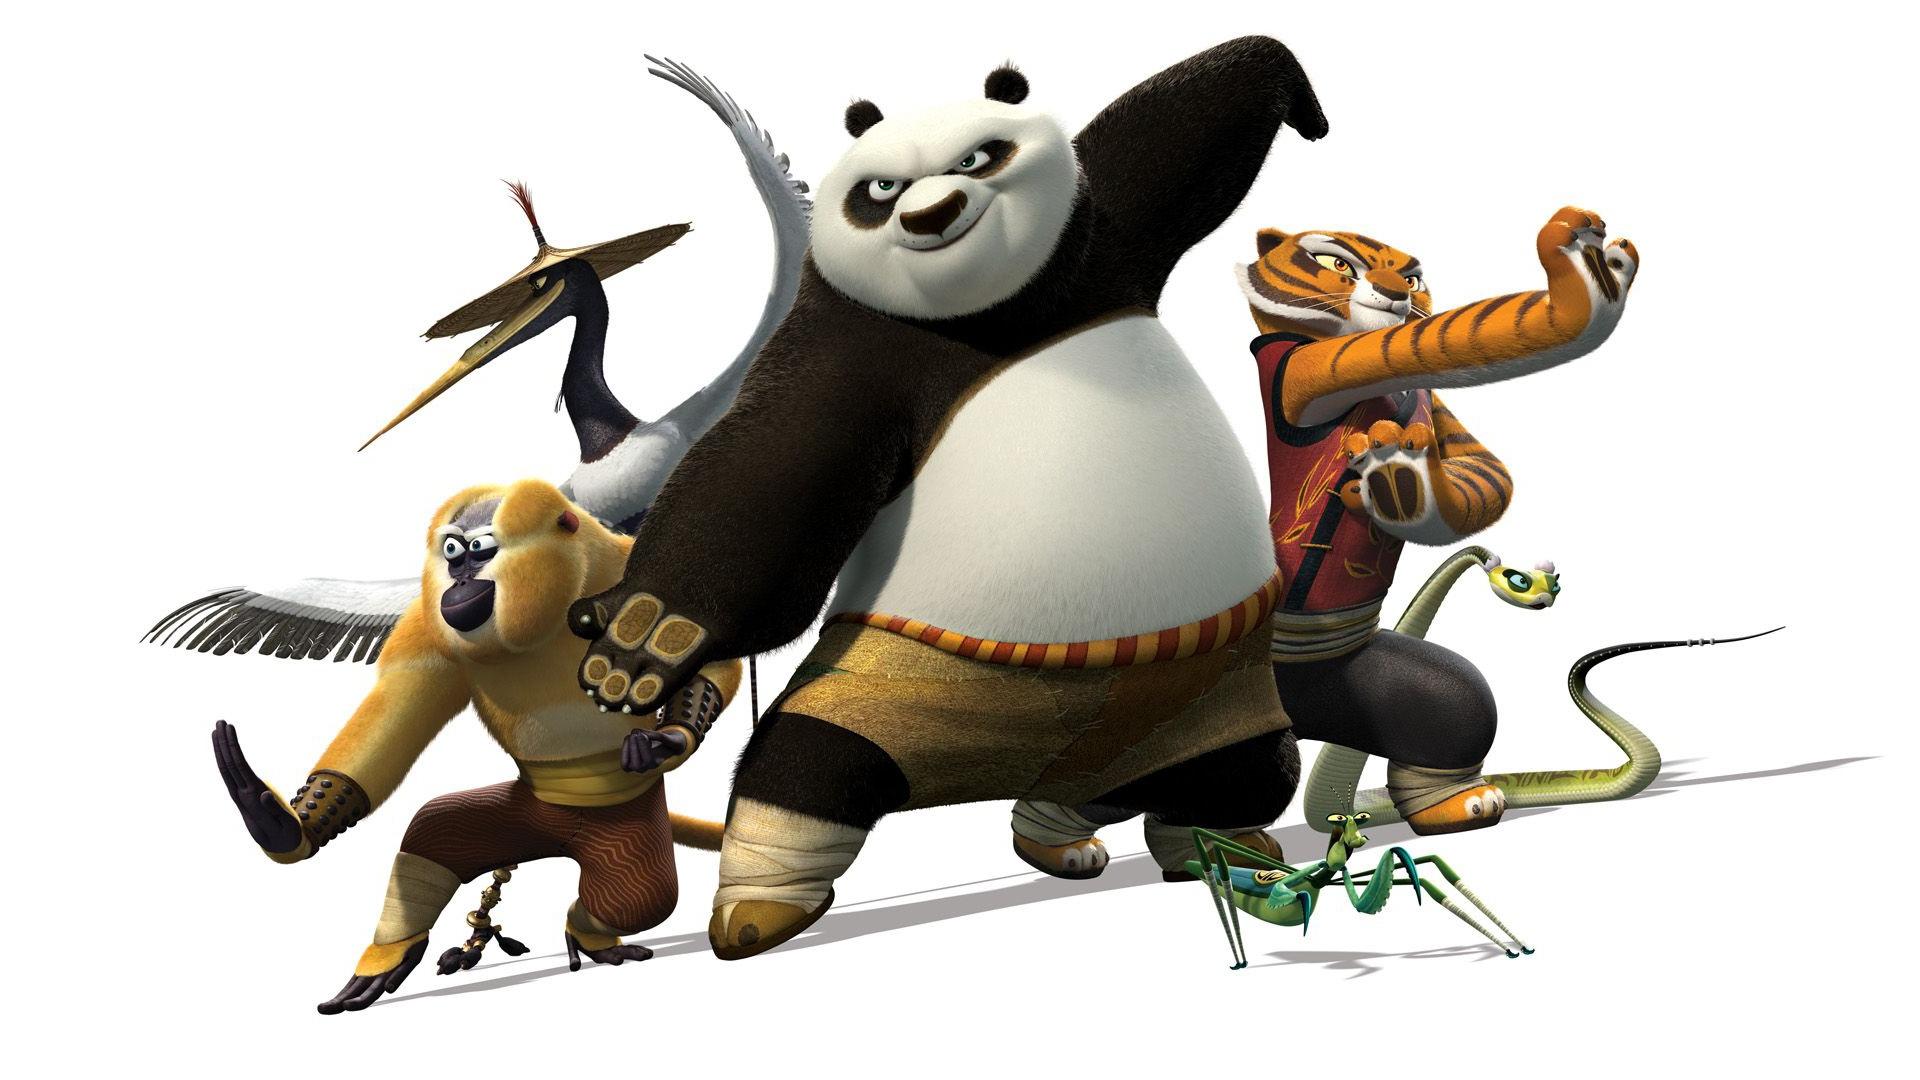 Kung fu panda 2 images kung fu panda 2 wallpaper and background.